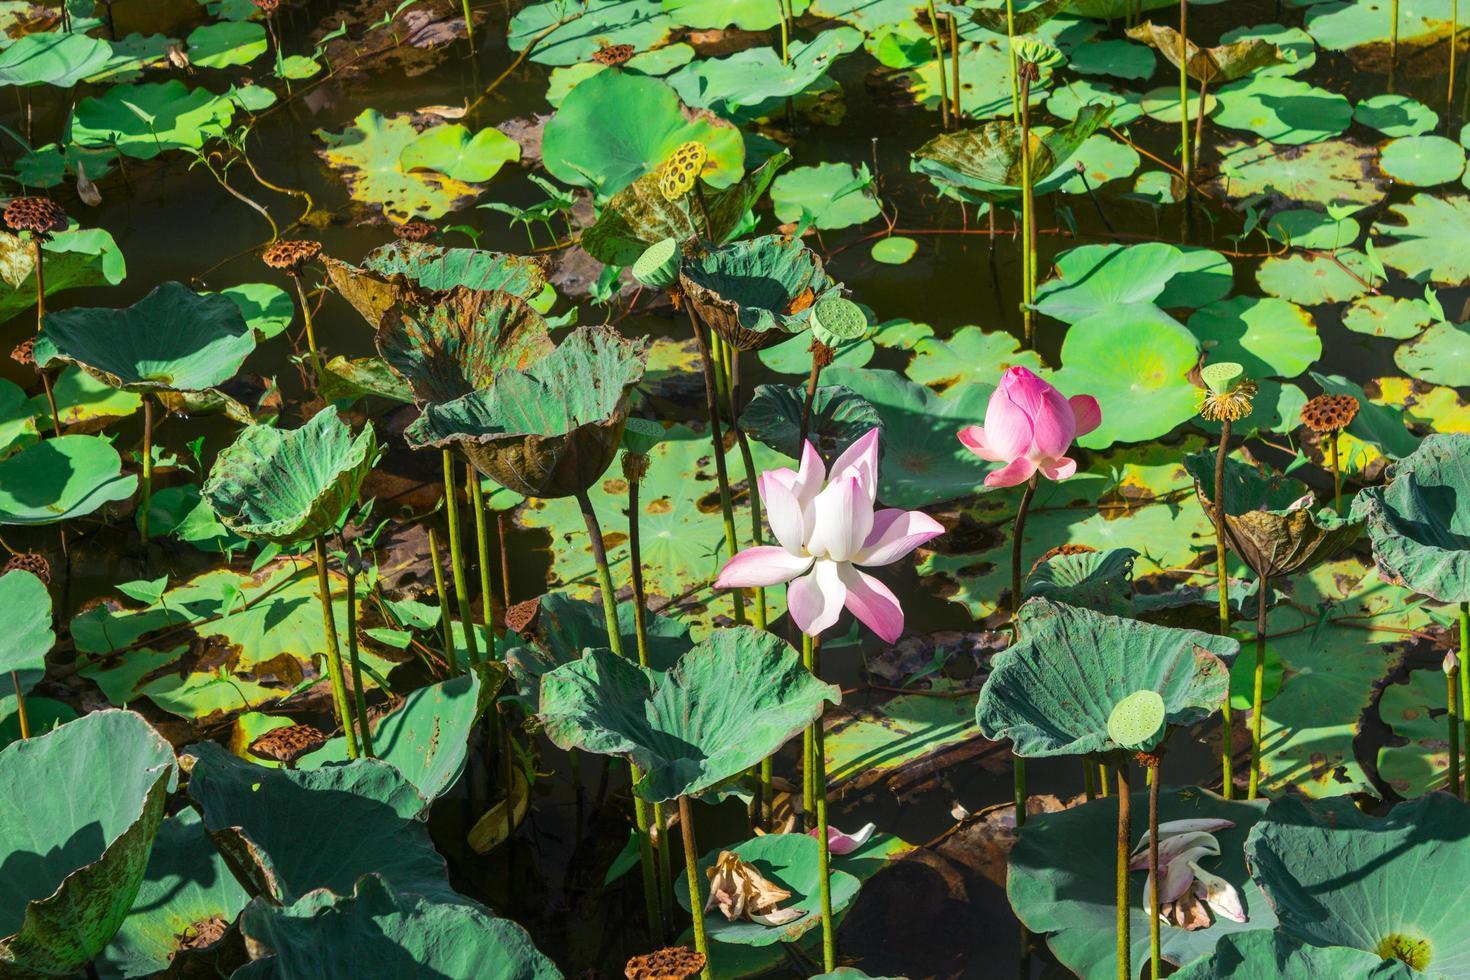 Teich gefüllt mit Seerosen oder Lotus foto